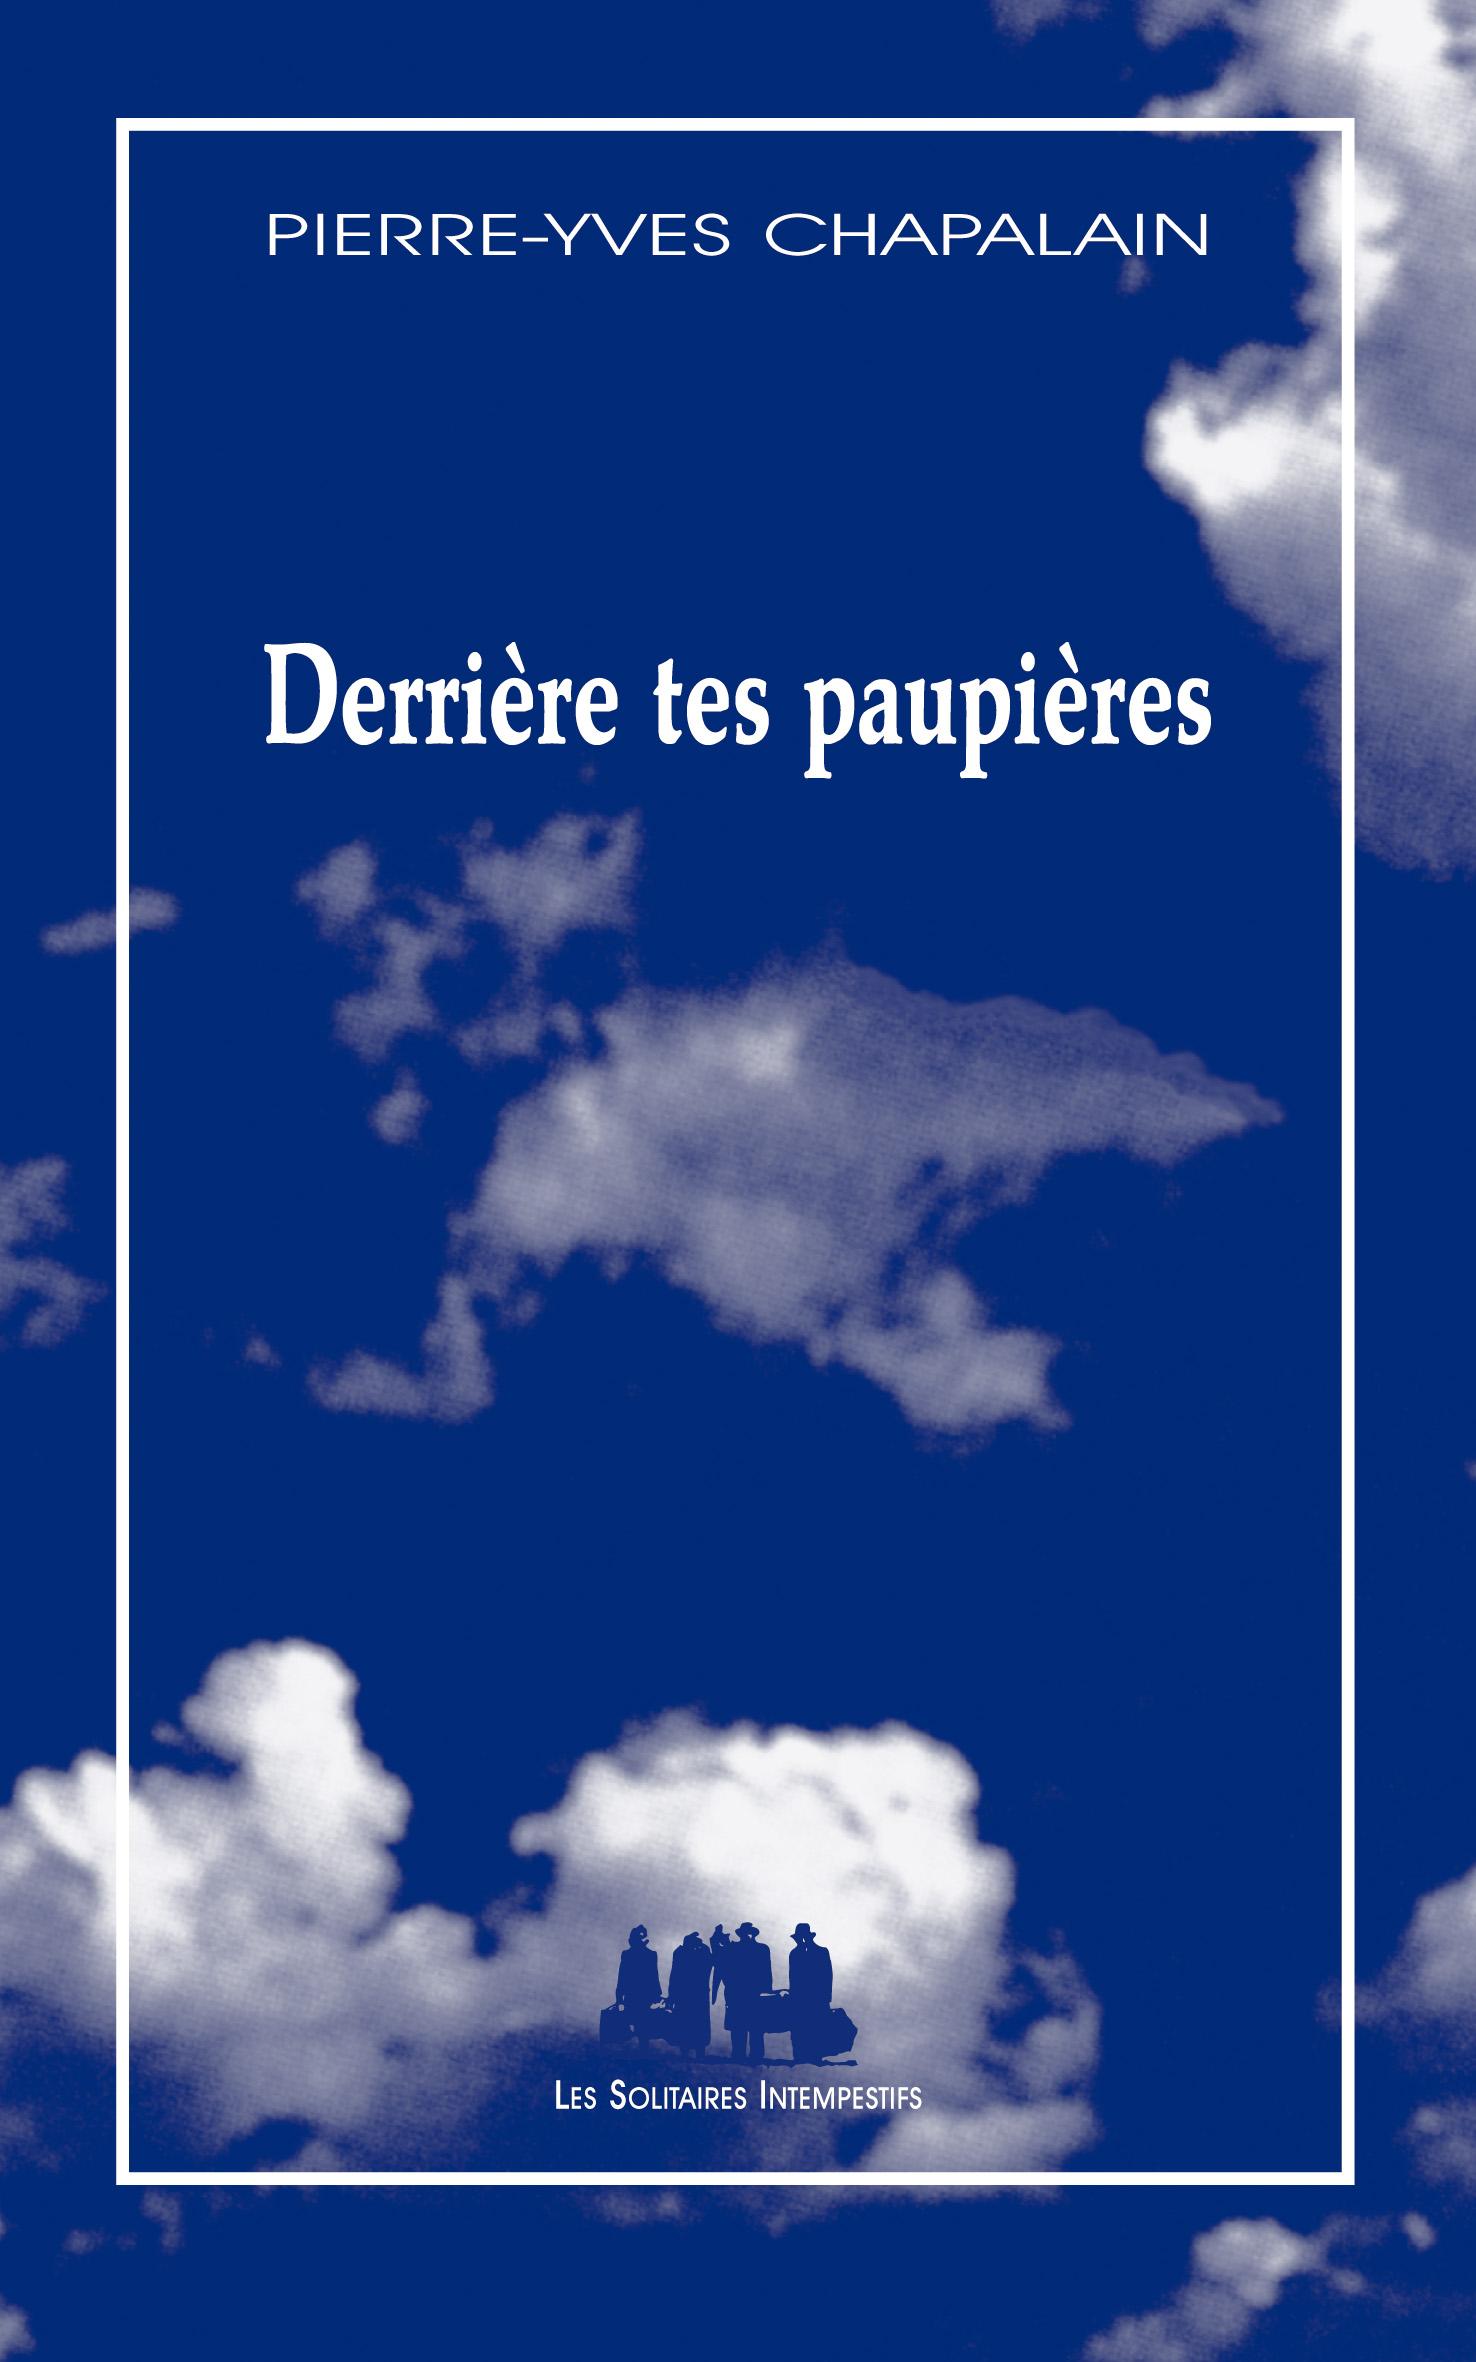 Derrière tes paupières - Pierre-Yves Chapalain - theatre-contemporain.net